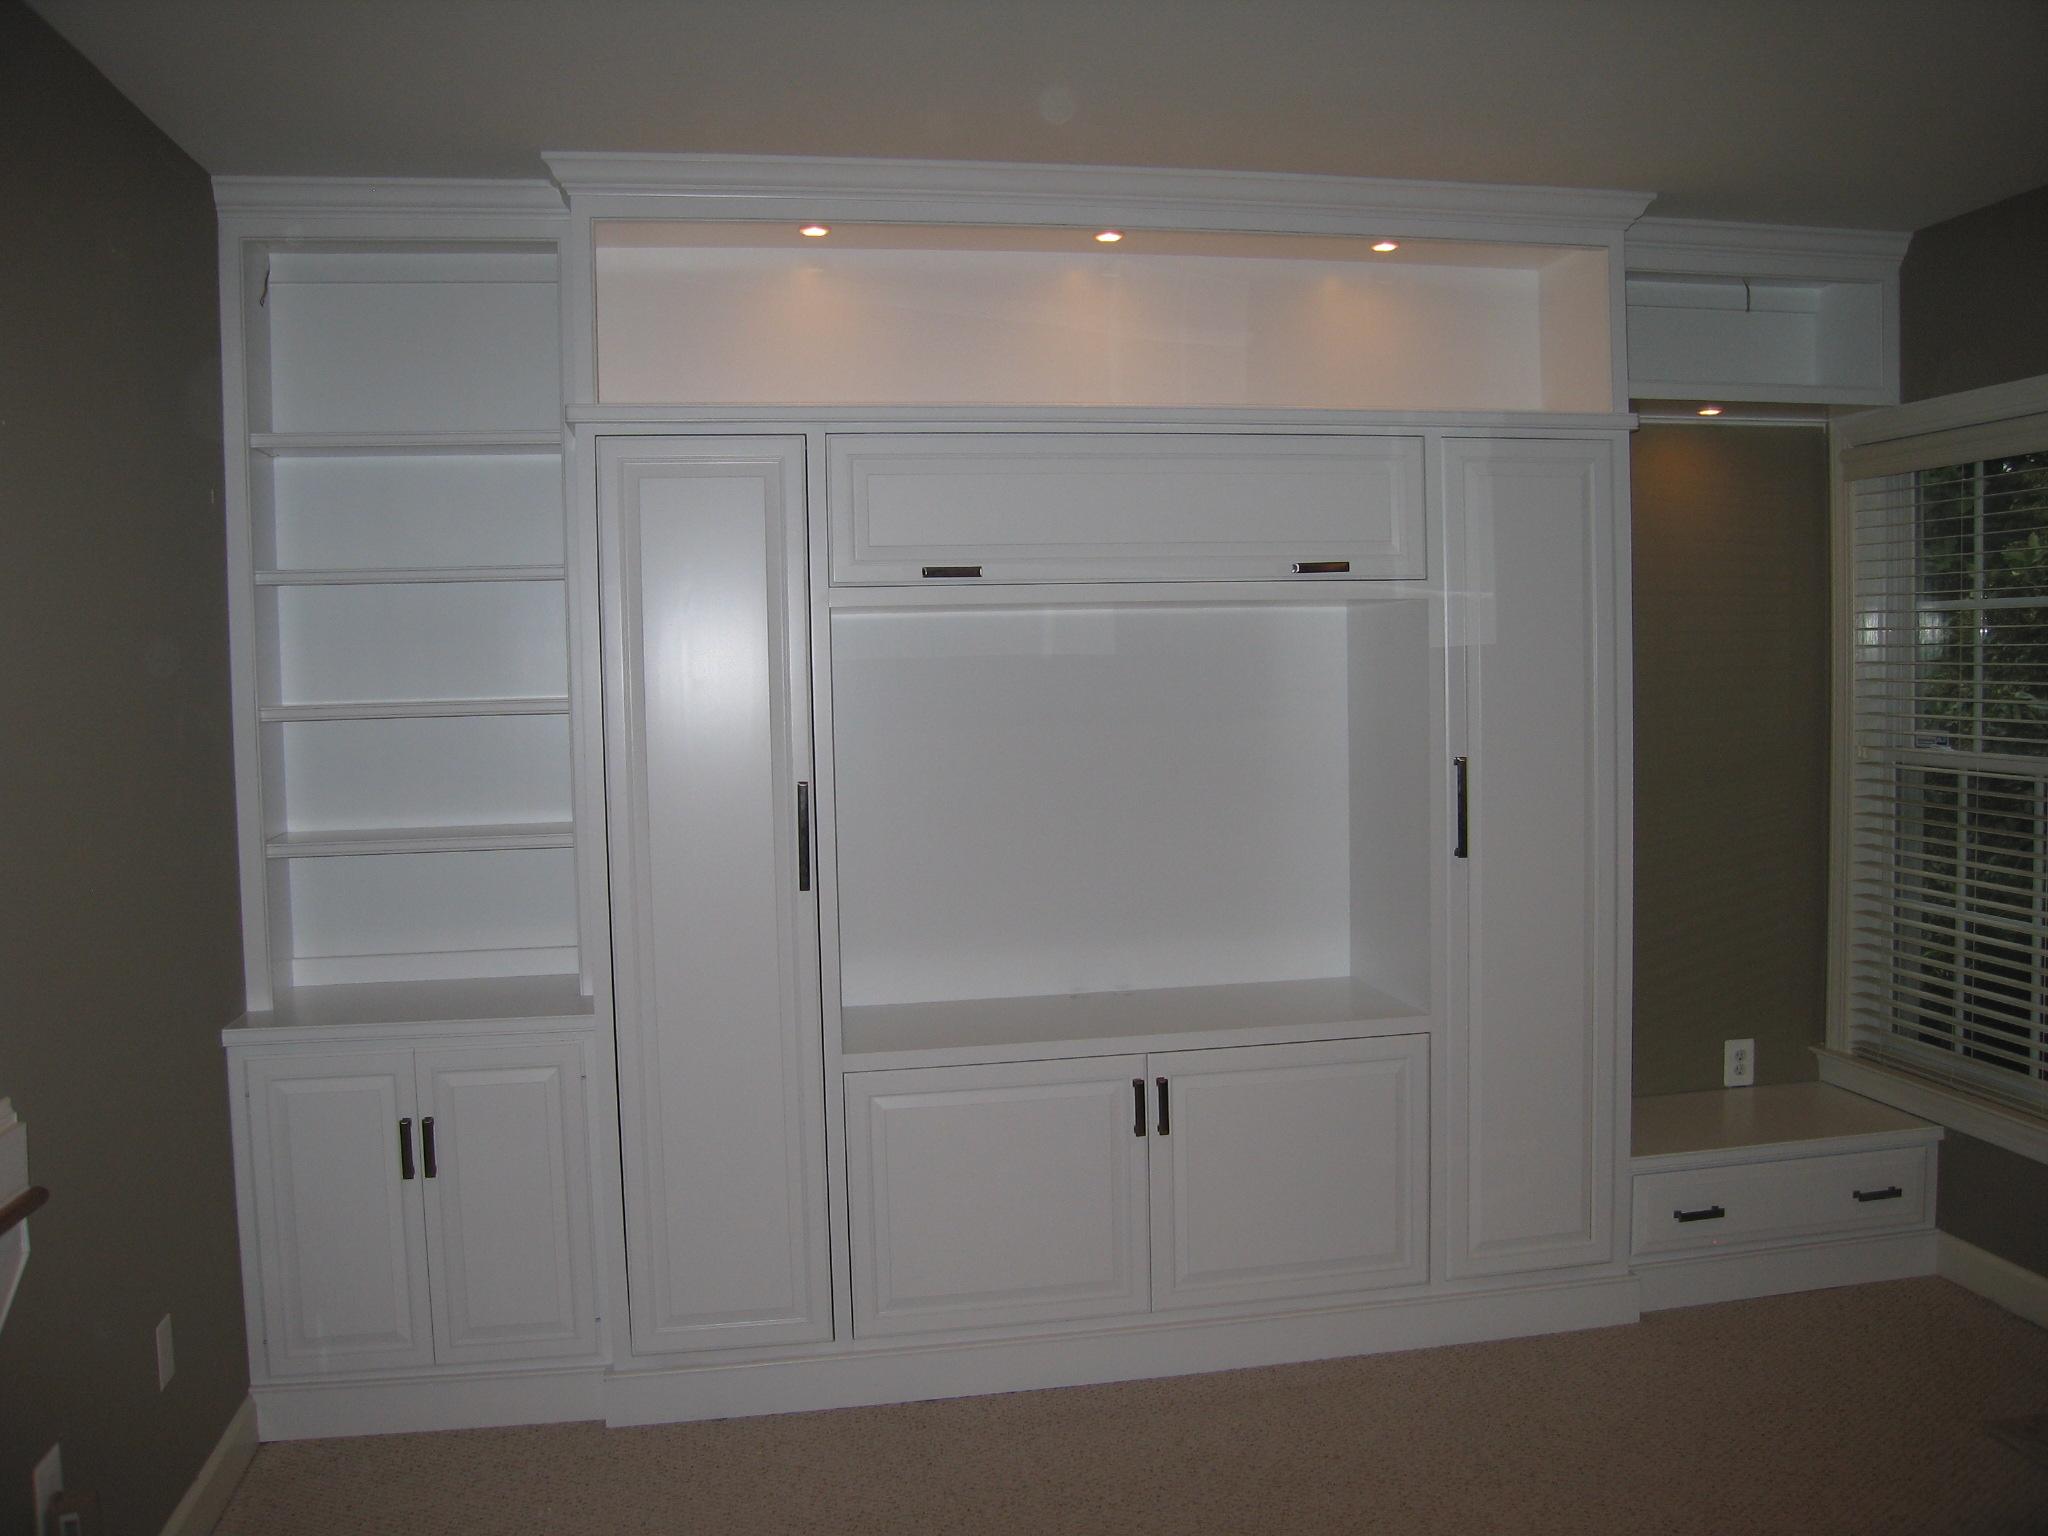 IMG_0507.JPG Custom cabinetry